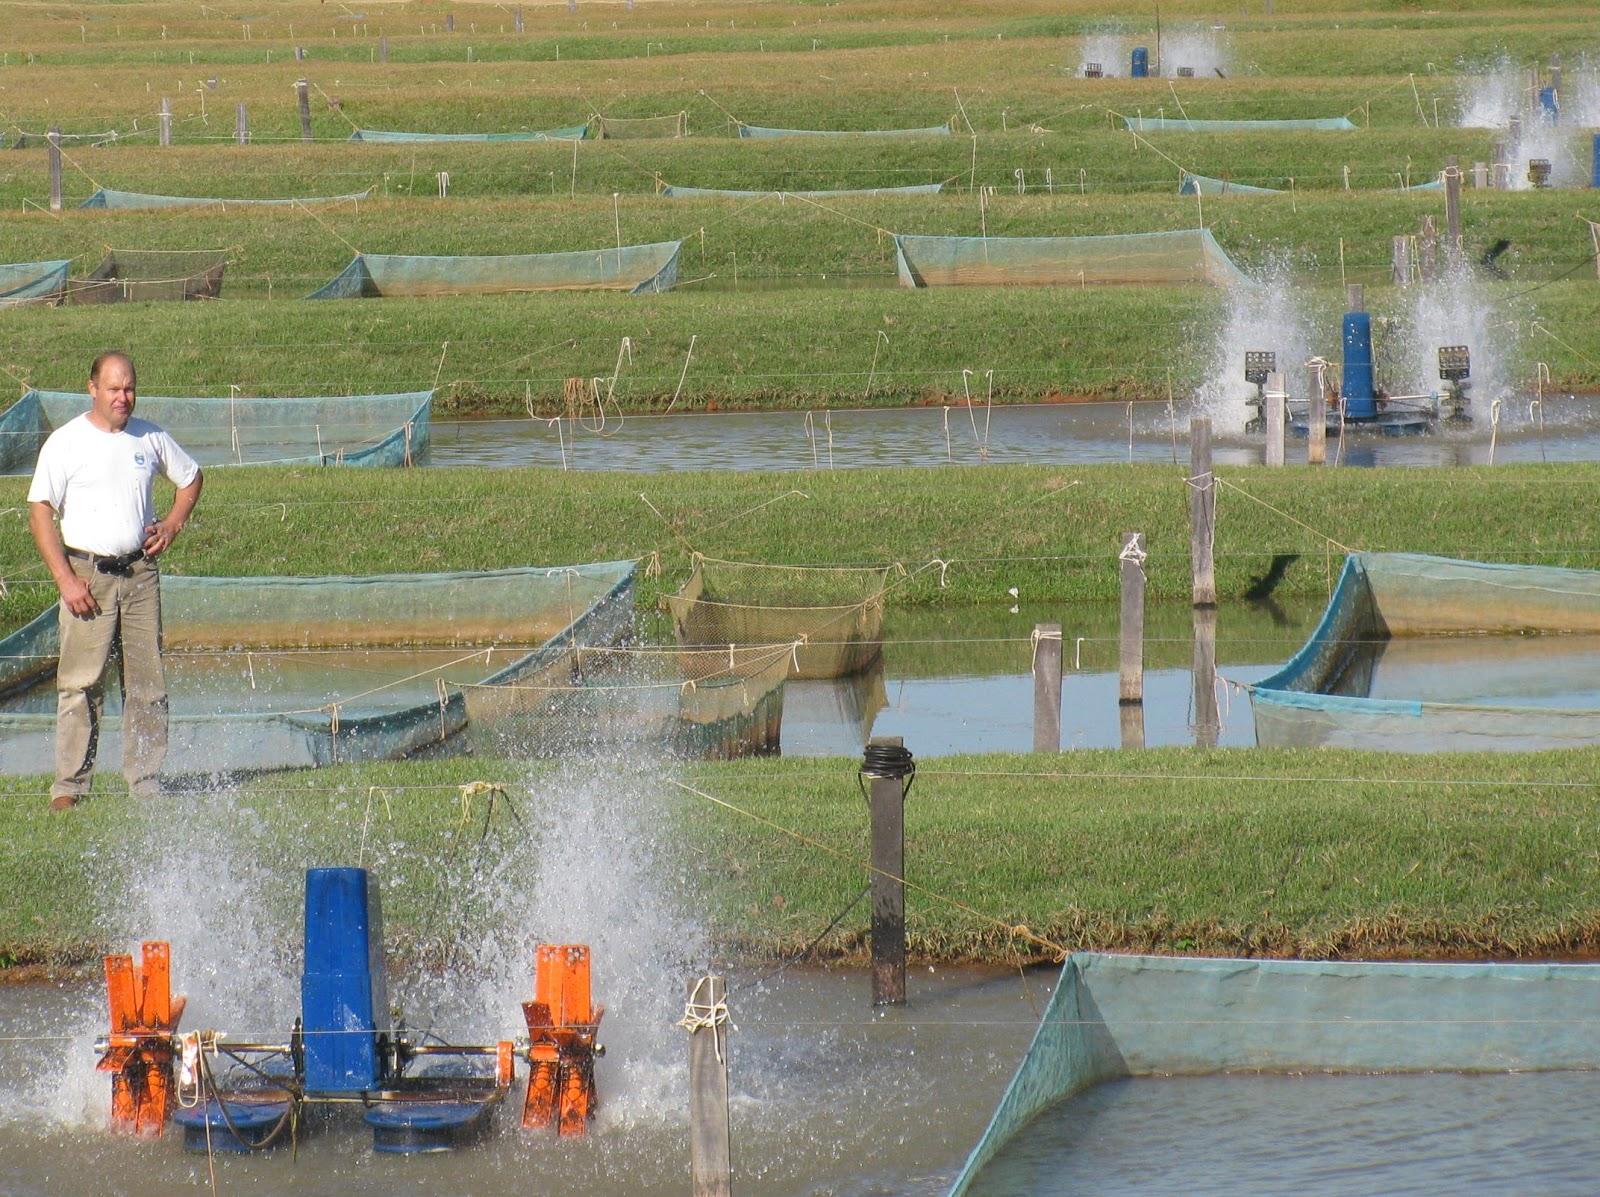 Cria peixe tilapicultura cria o intensiva de til pias for Tanques para cria de tilapia